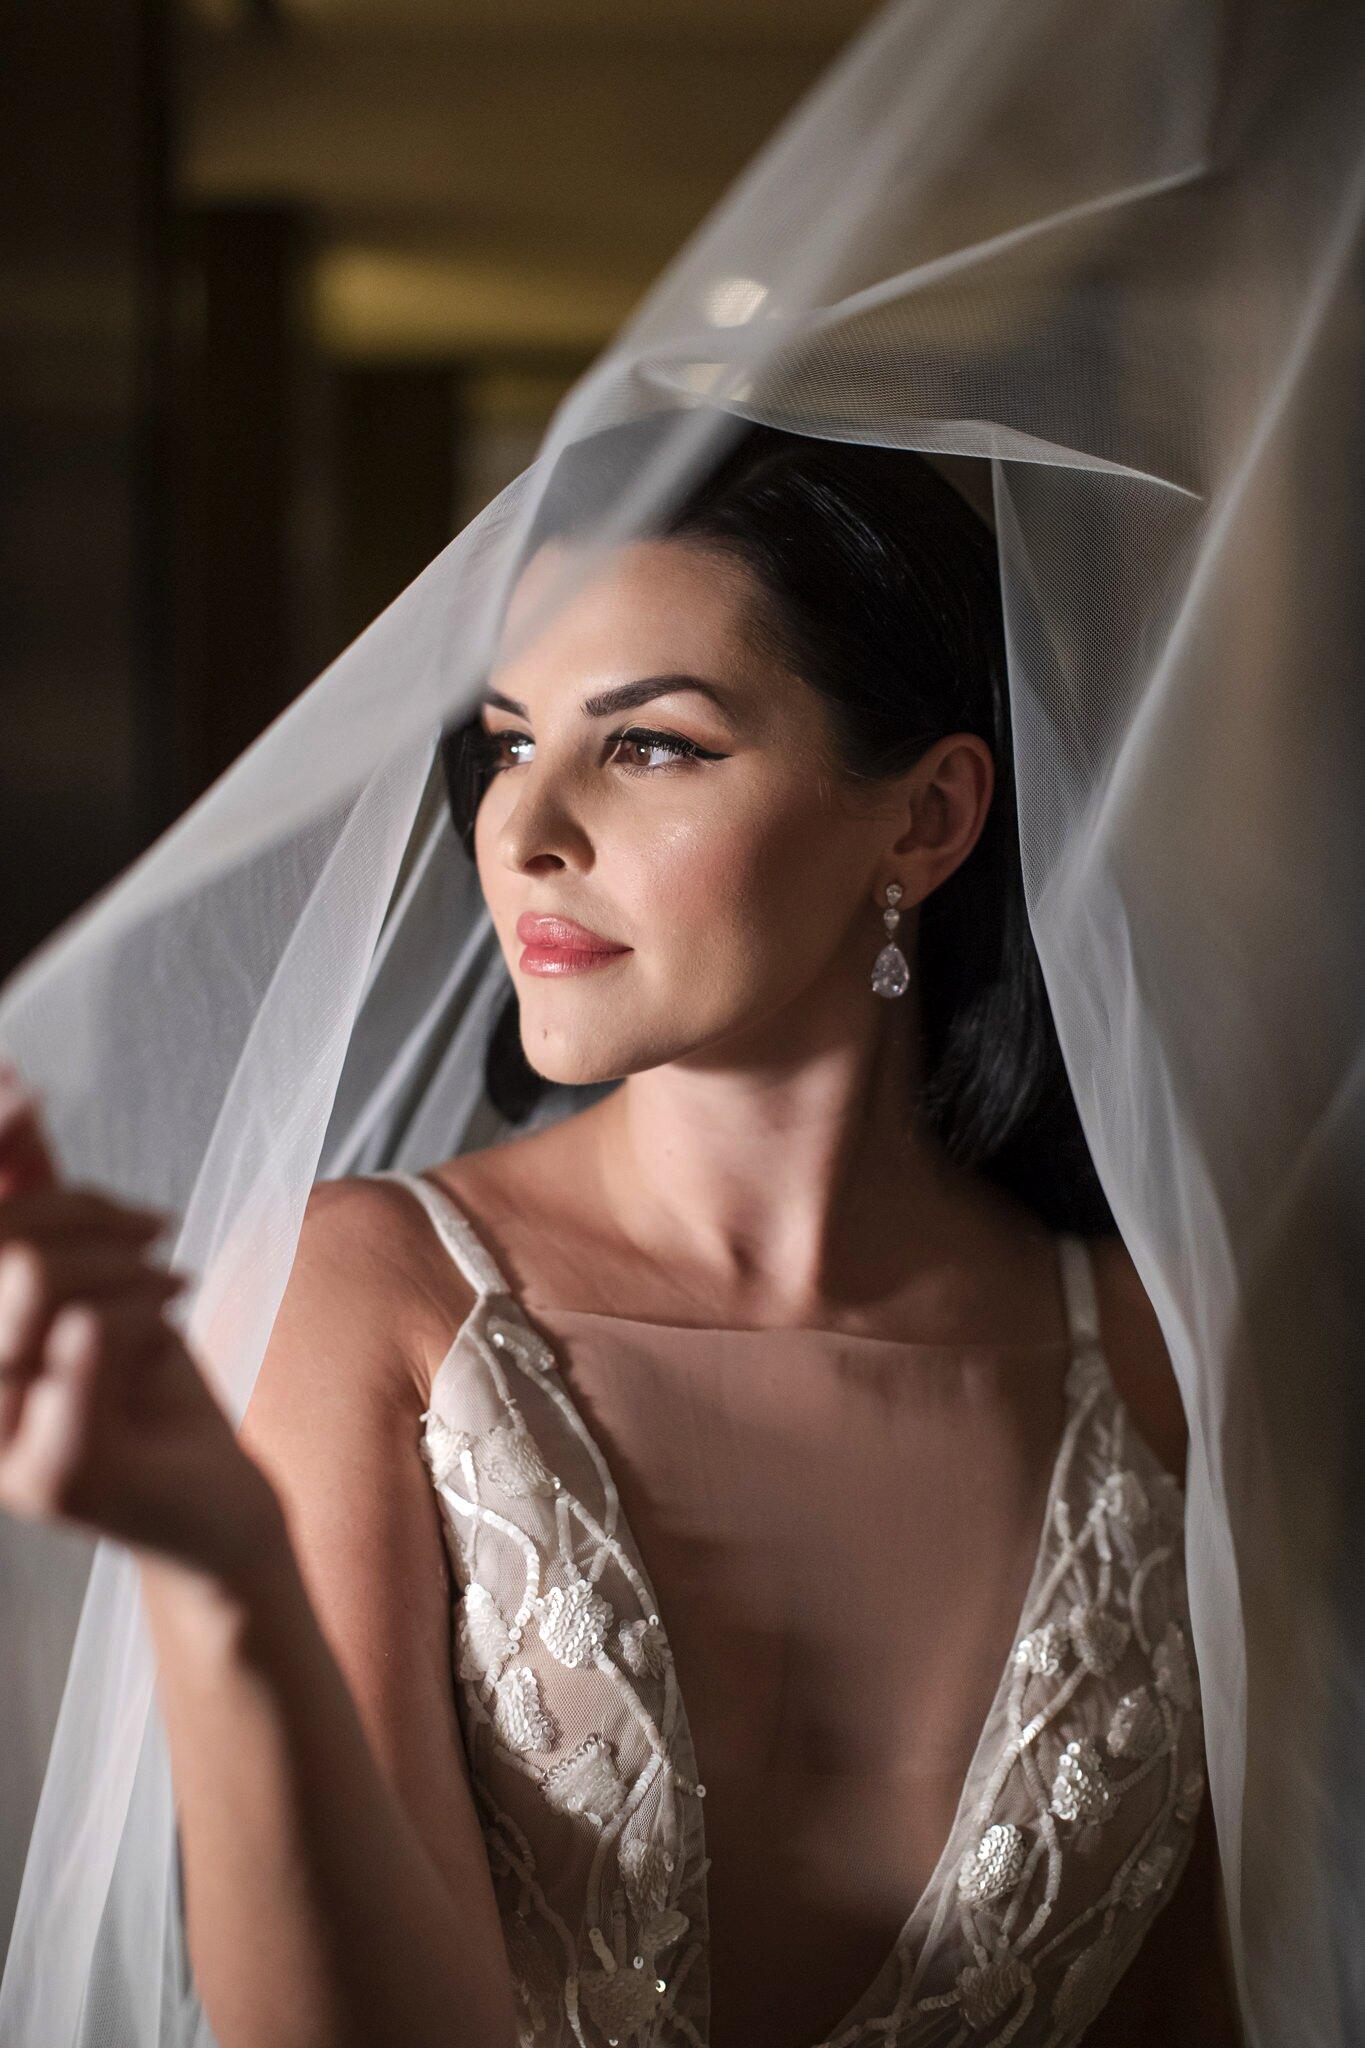 Danijela Bride